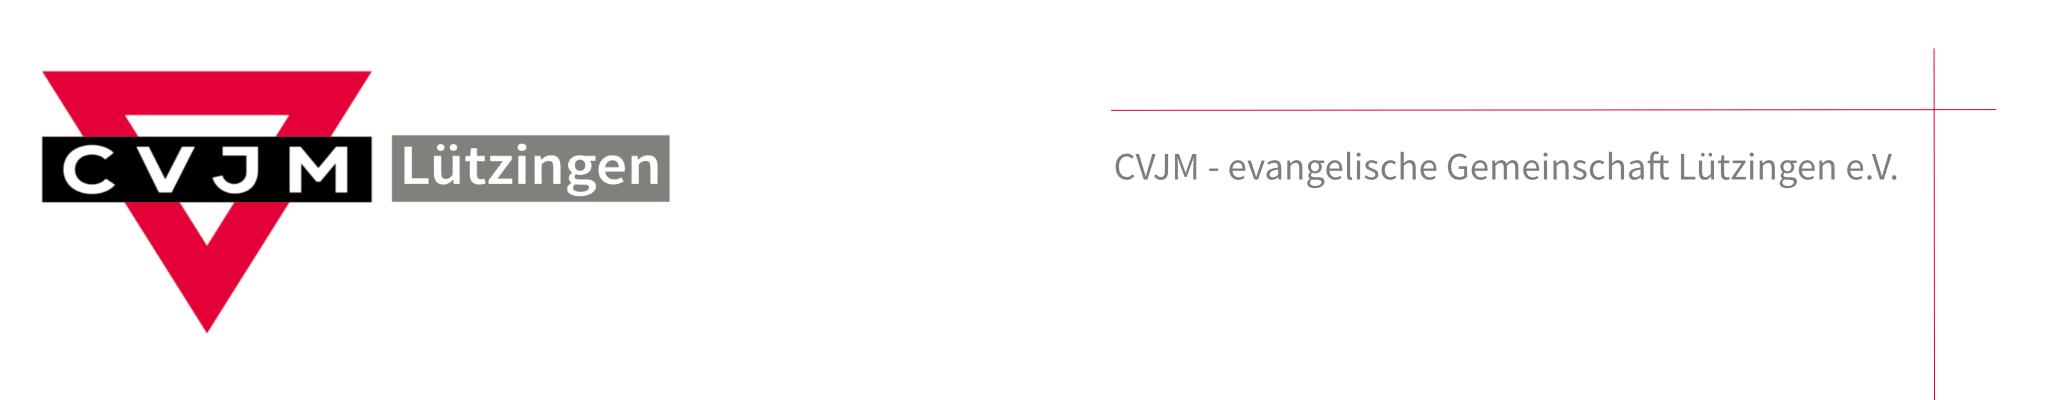 CVJM-Lützingen